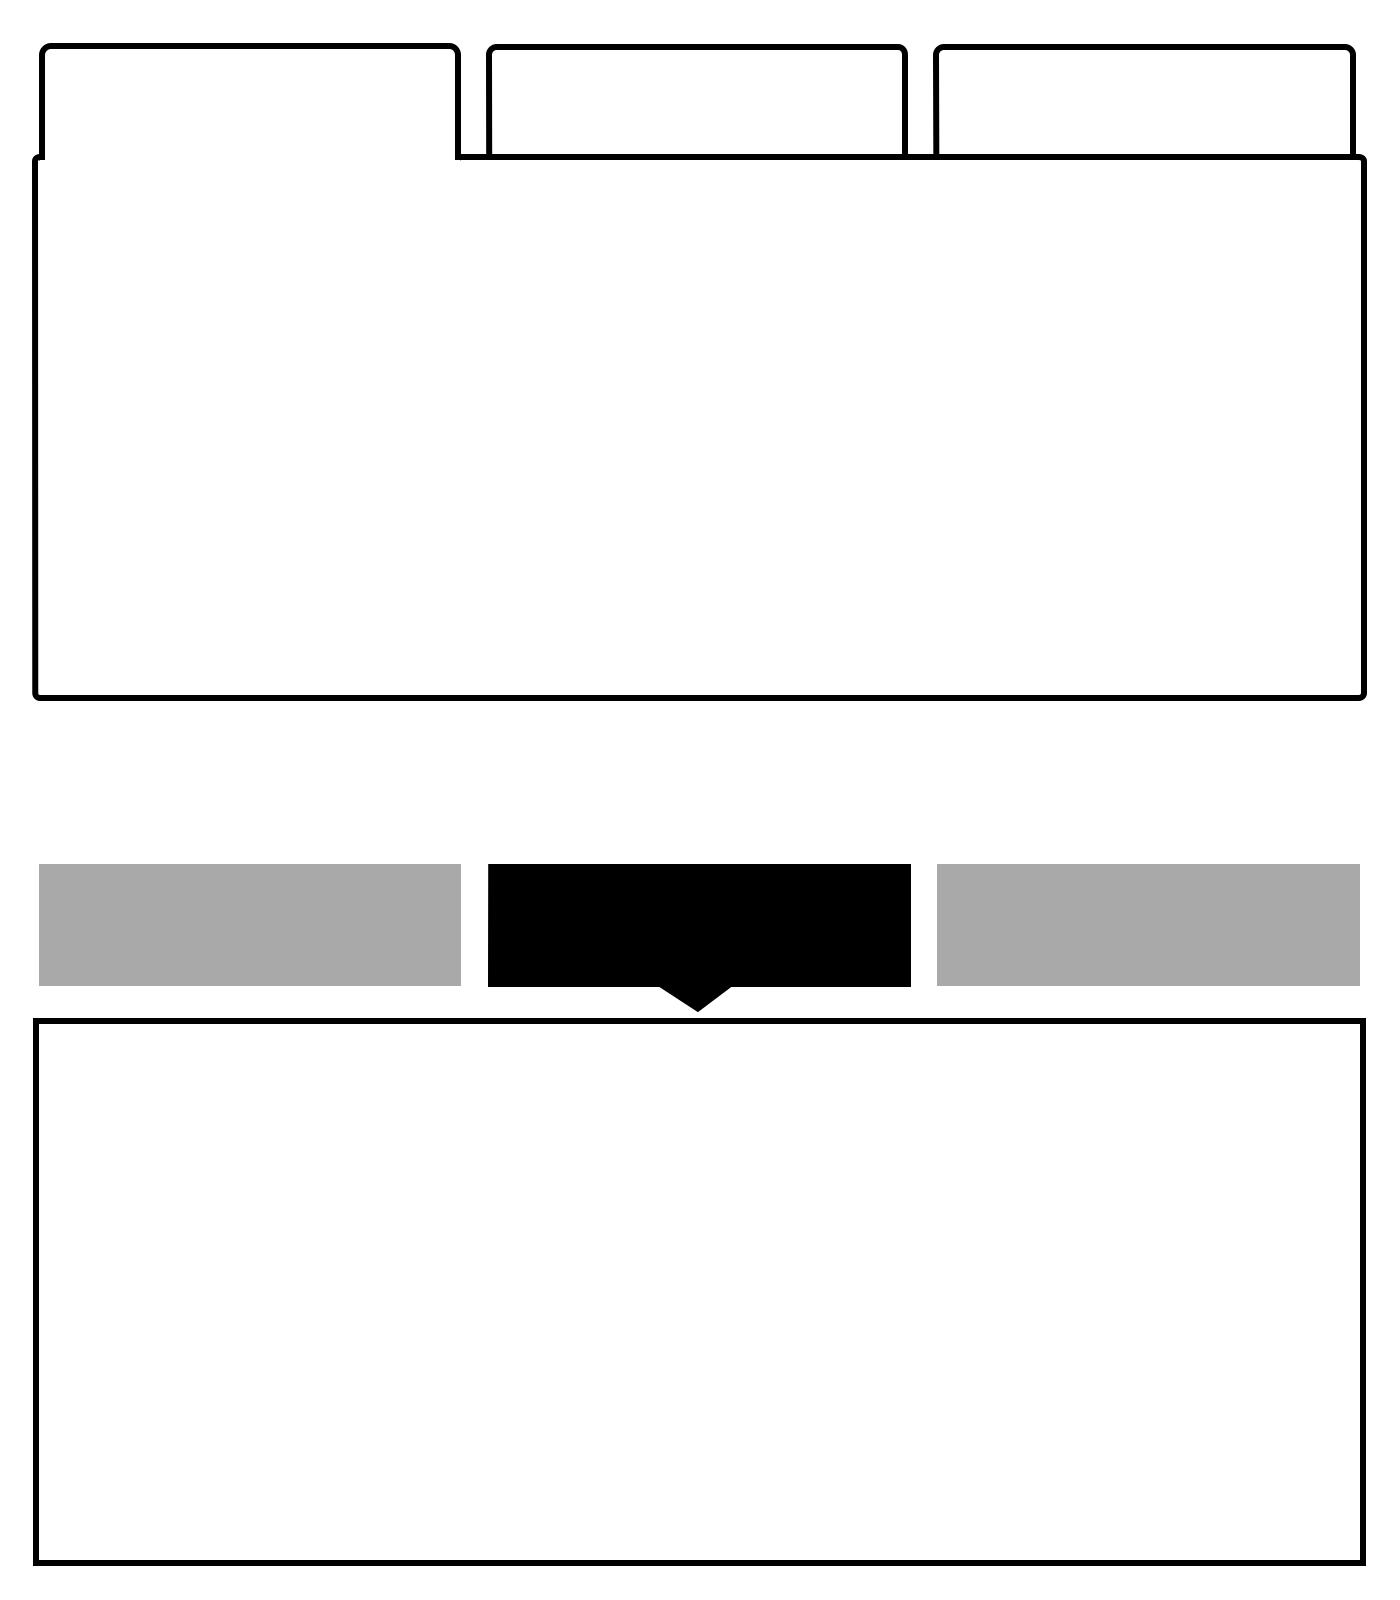 タブ型 UI の例